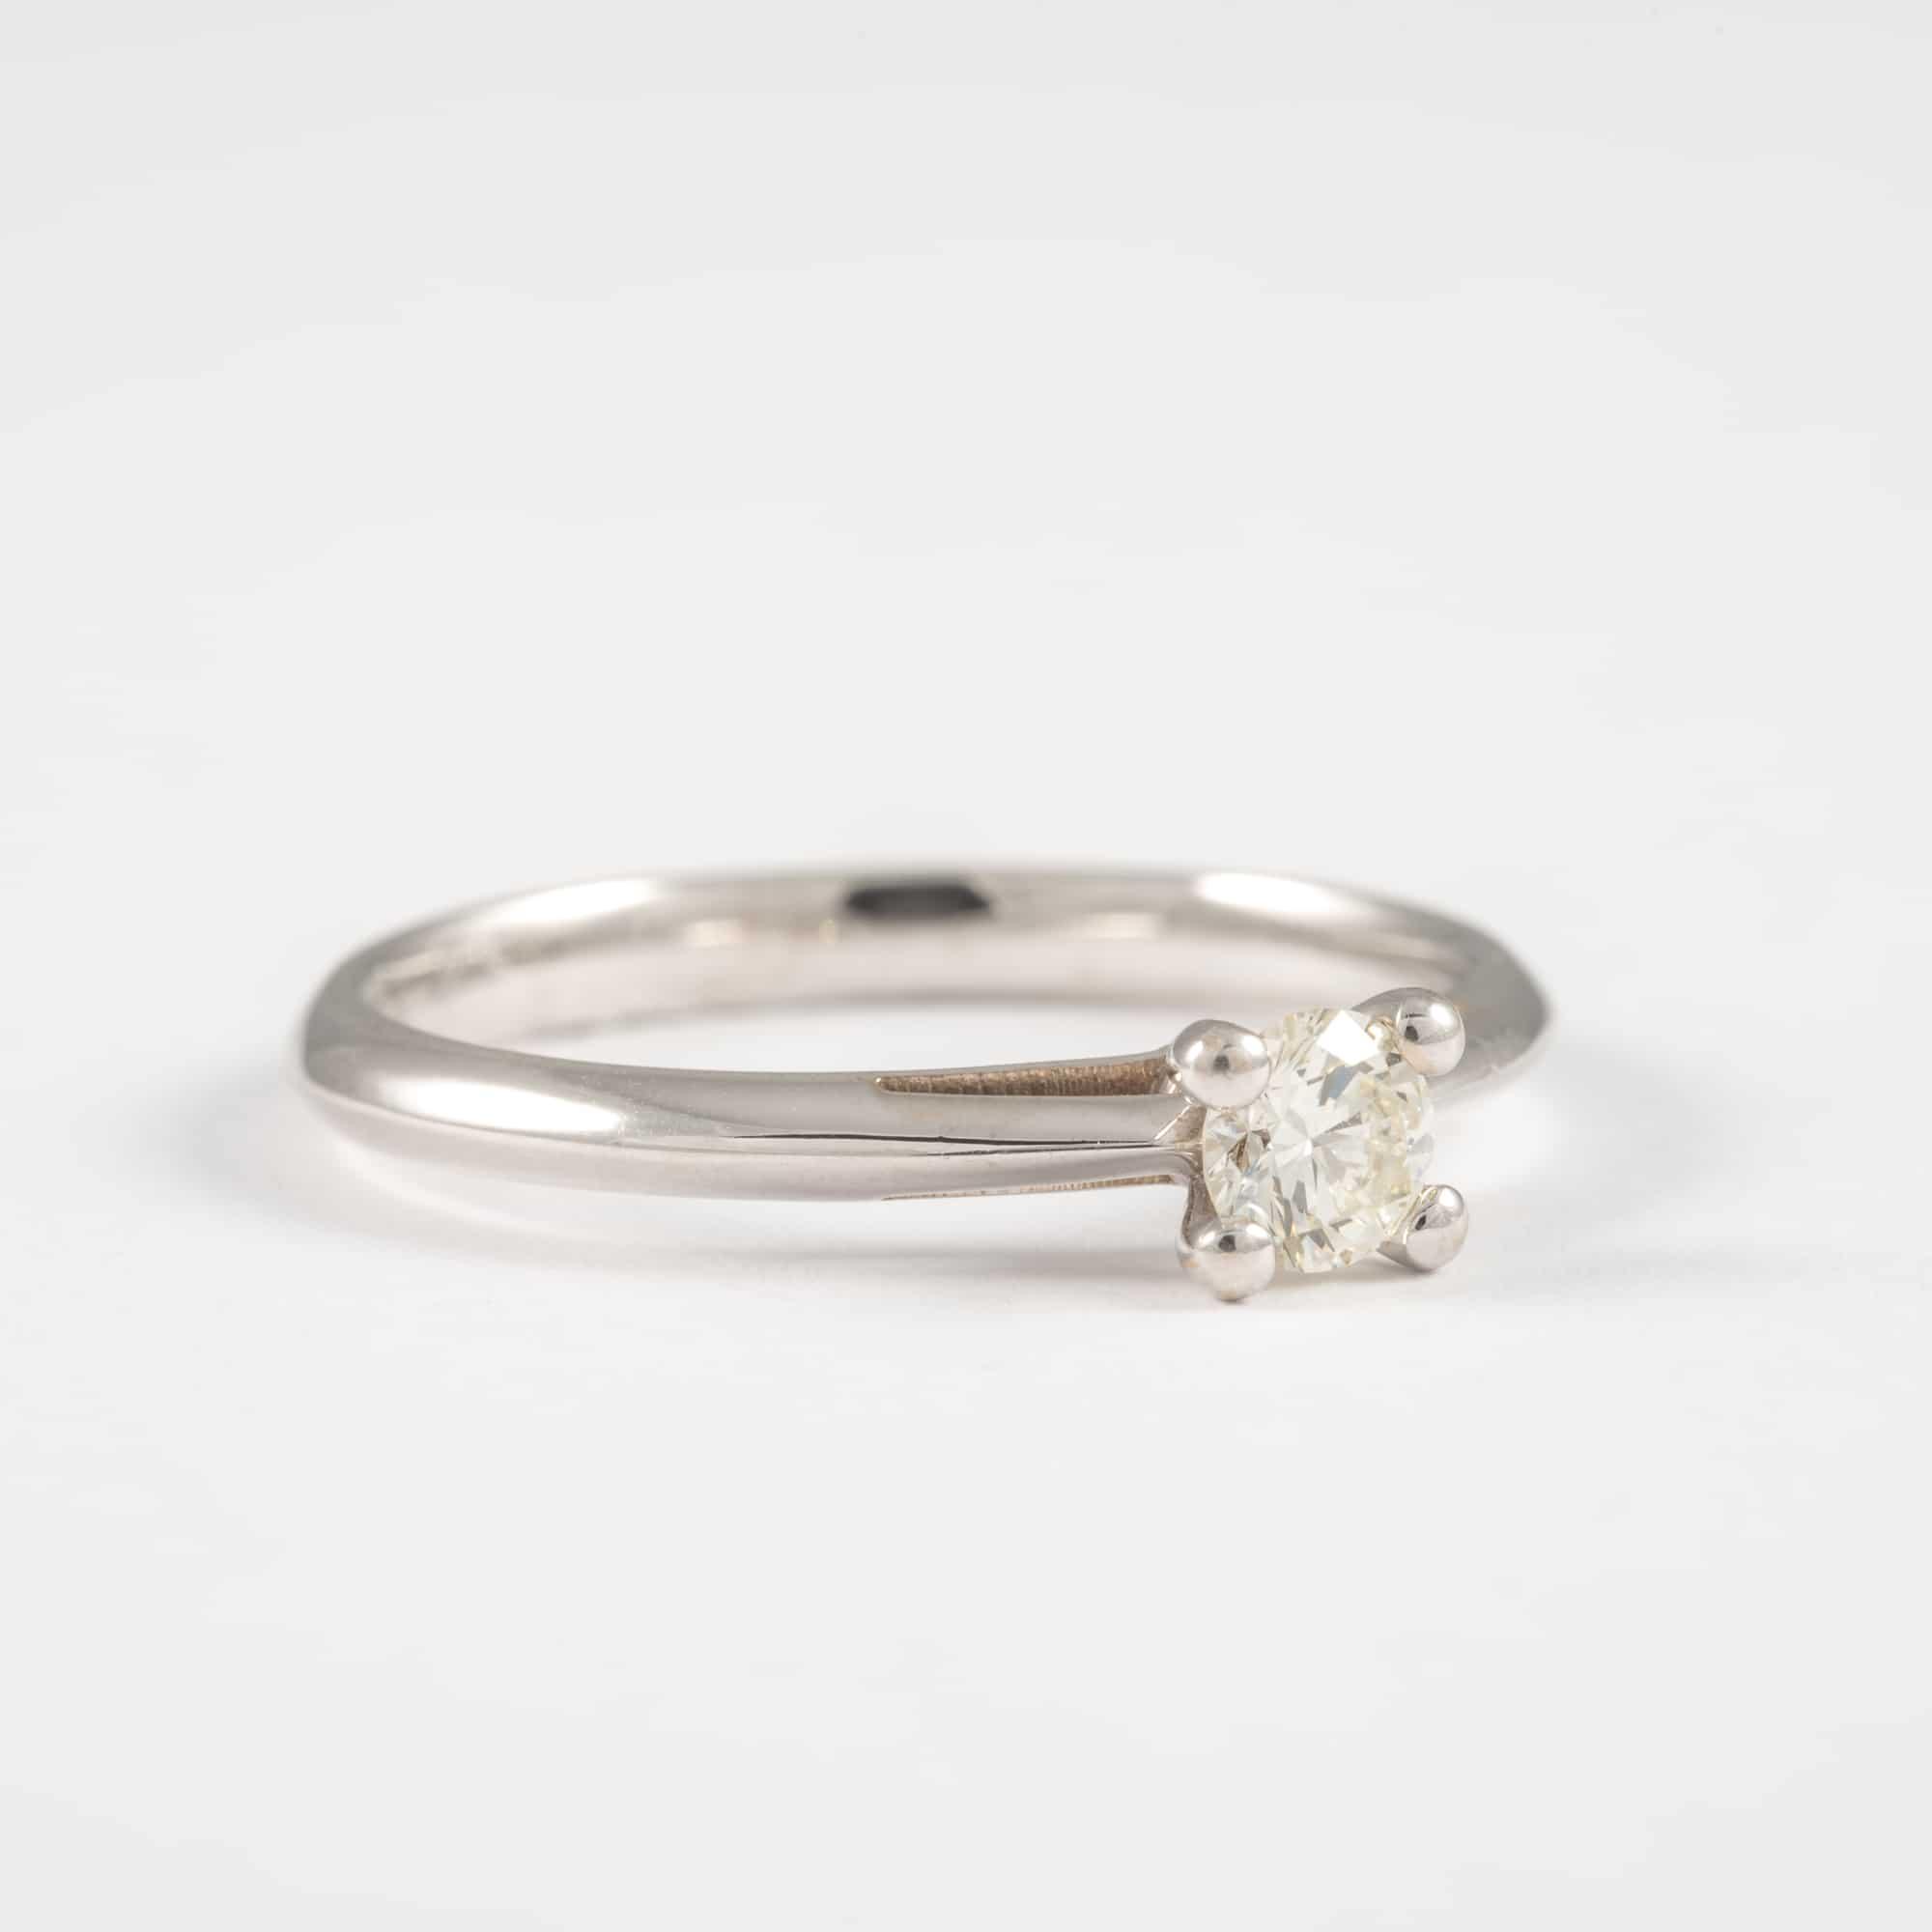 טבעת יהלום בשיבוץ סוליטר Alex